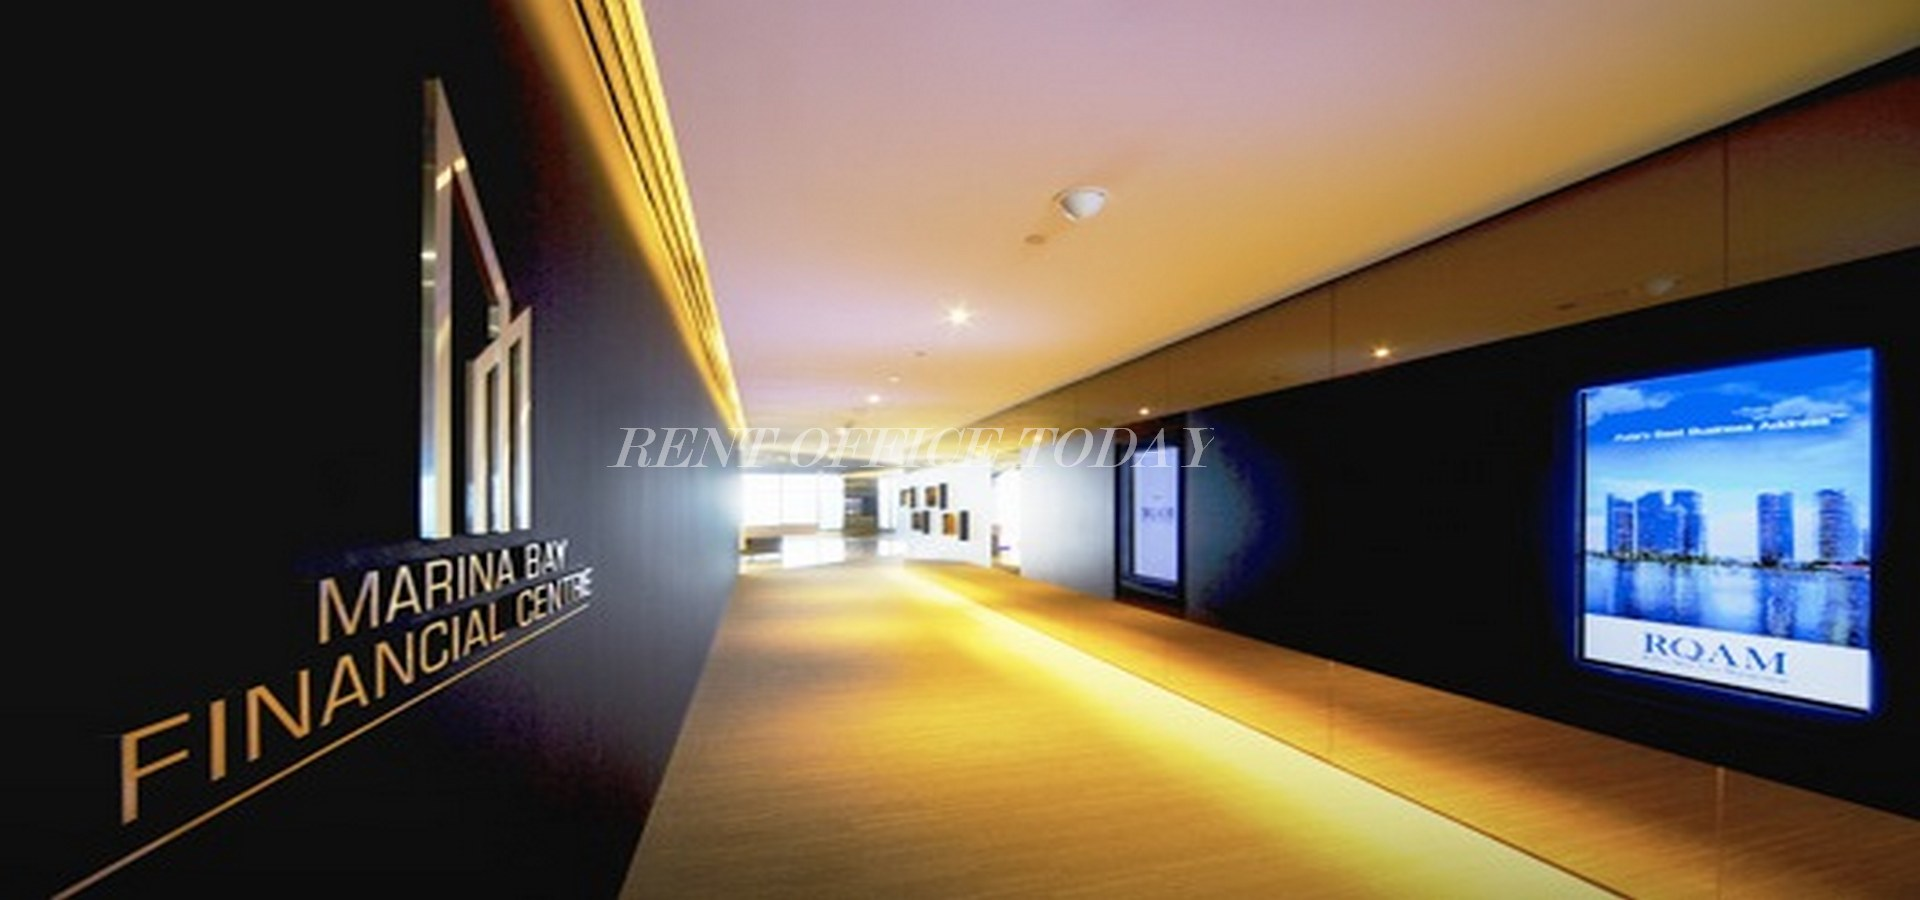 مكتب للايجار marina bay financial centre-2